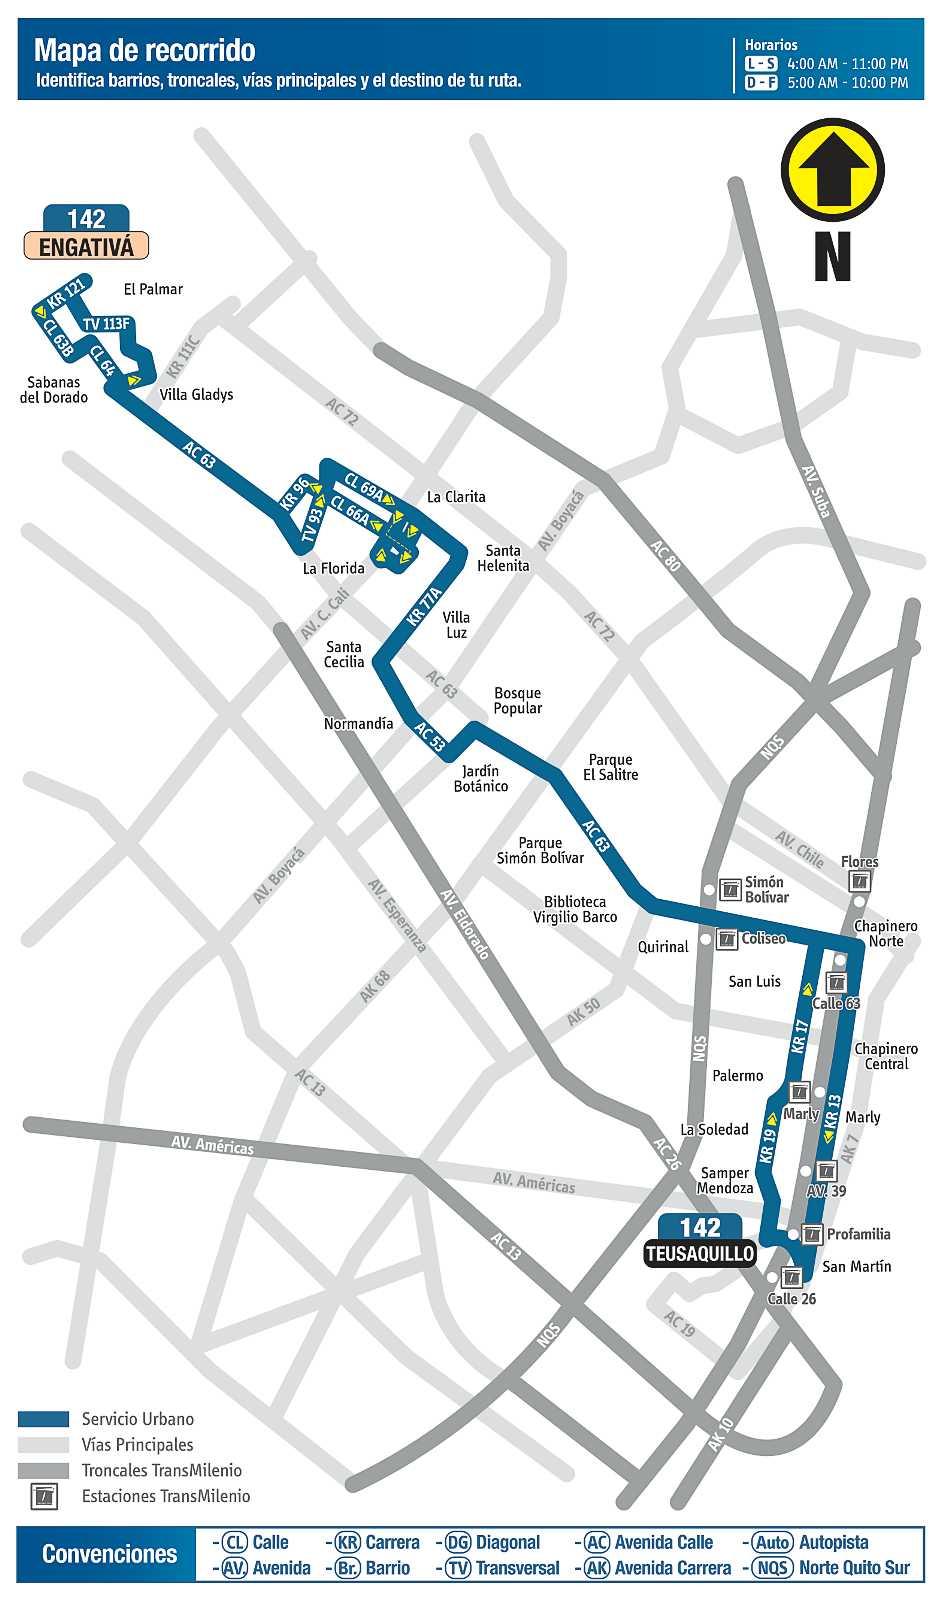 Ruta urbana 142 > Engativá - Teusaquillo (mapa desde septiembre 2018)